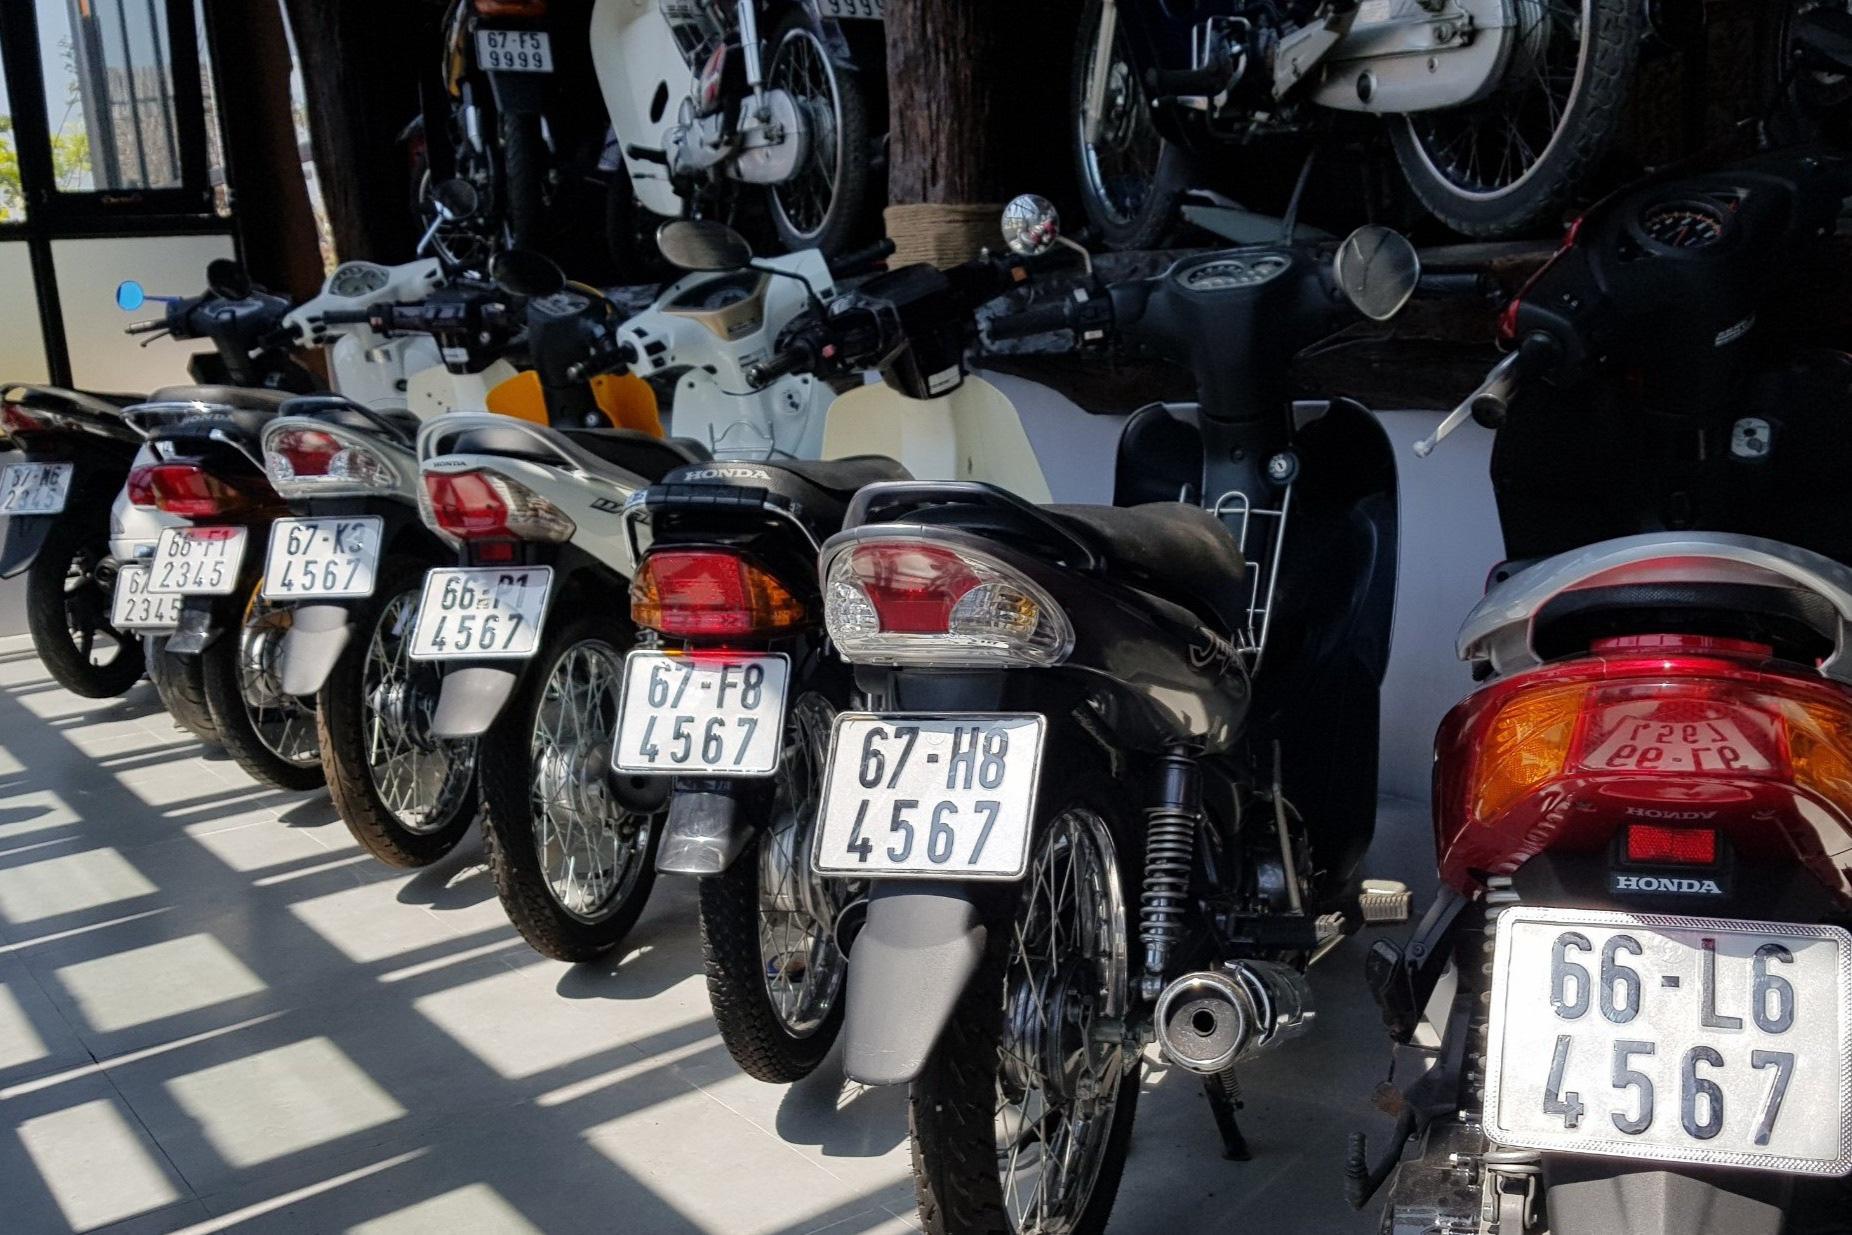 Bộ sưu tập 500 xe mô tô có biển số đẹp mê hồn - Ảnh 10.